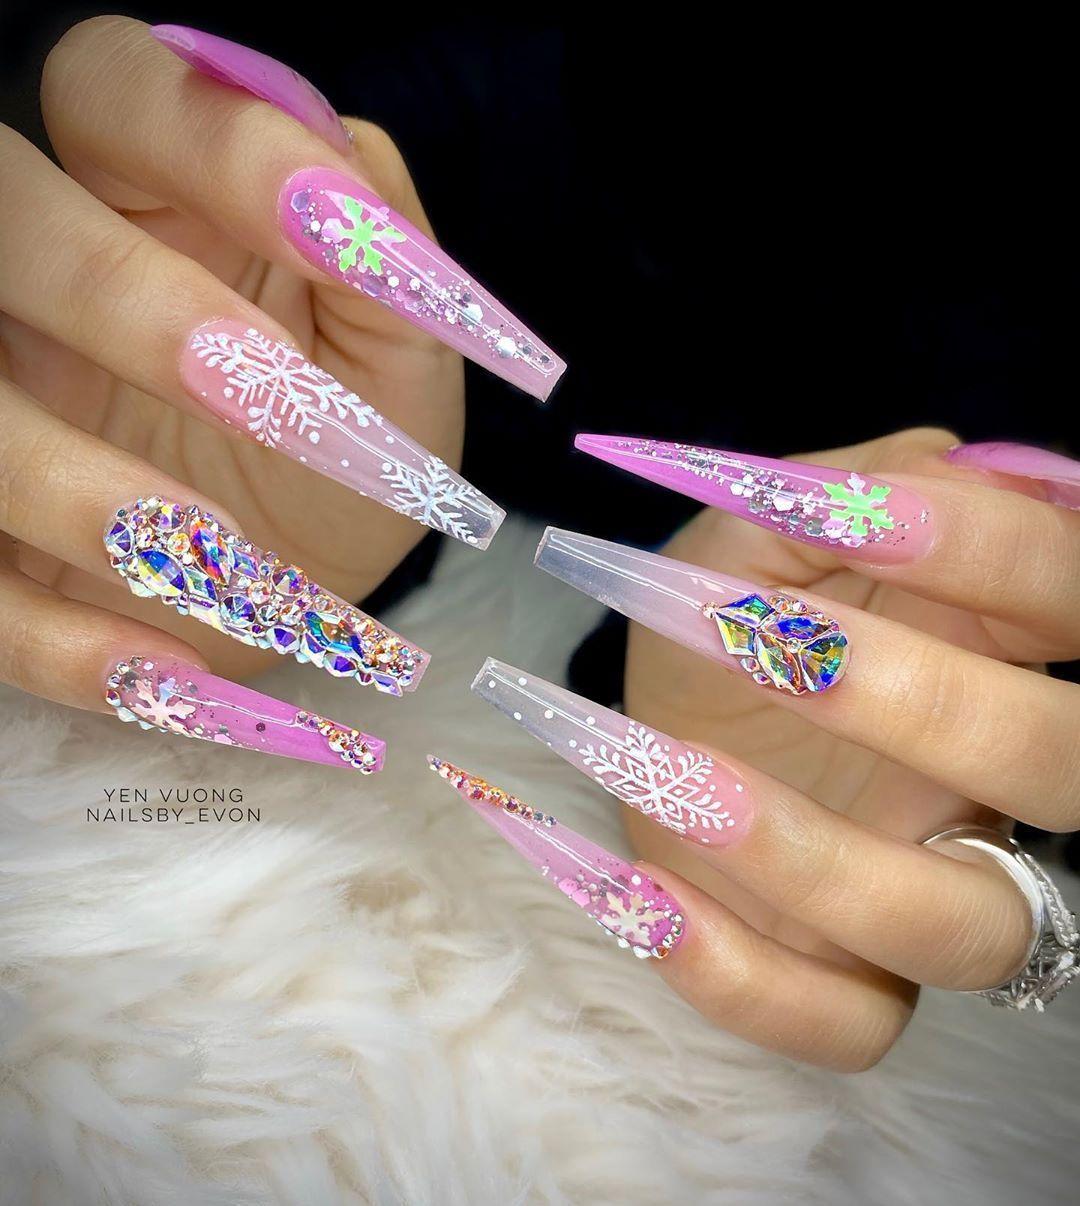 Nail Art Rose In 2020 Rose Nail Art Nails Nail Art Designs